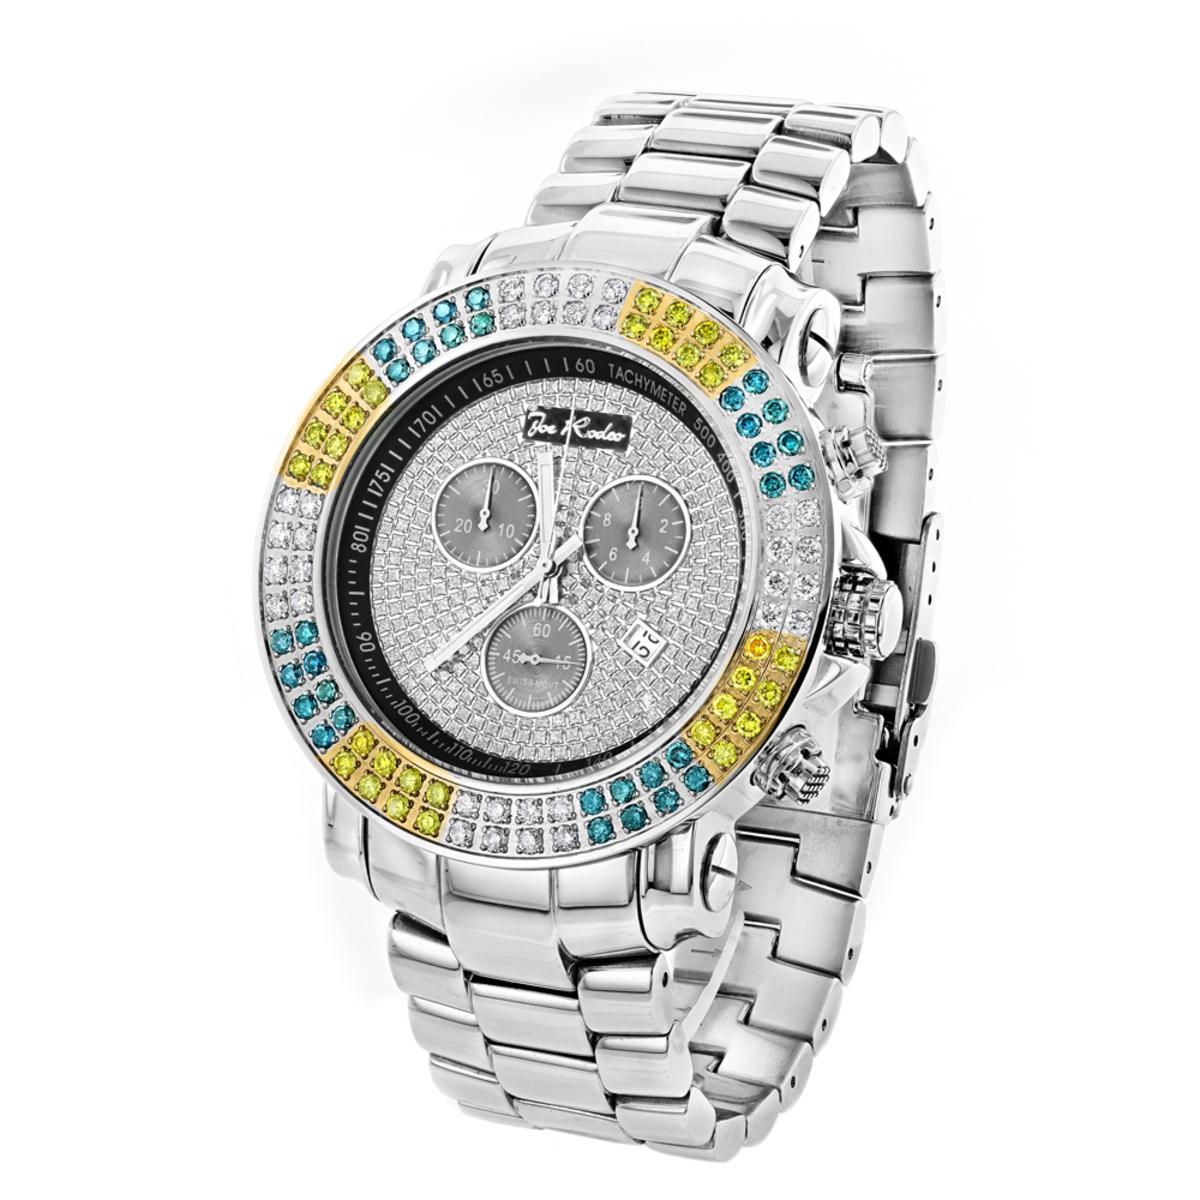 Joe Rodeo Junior Men's Diamond Watch White Yellow Blue Diamonds 4.3ct